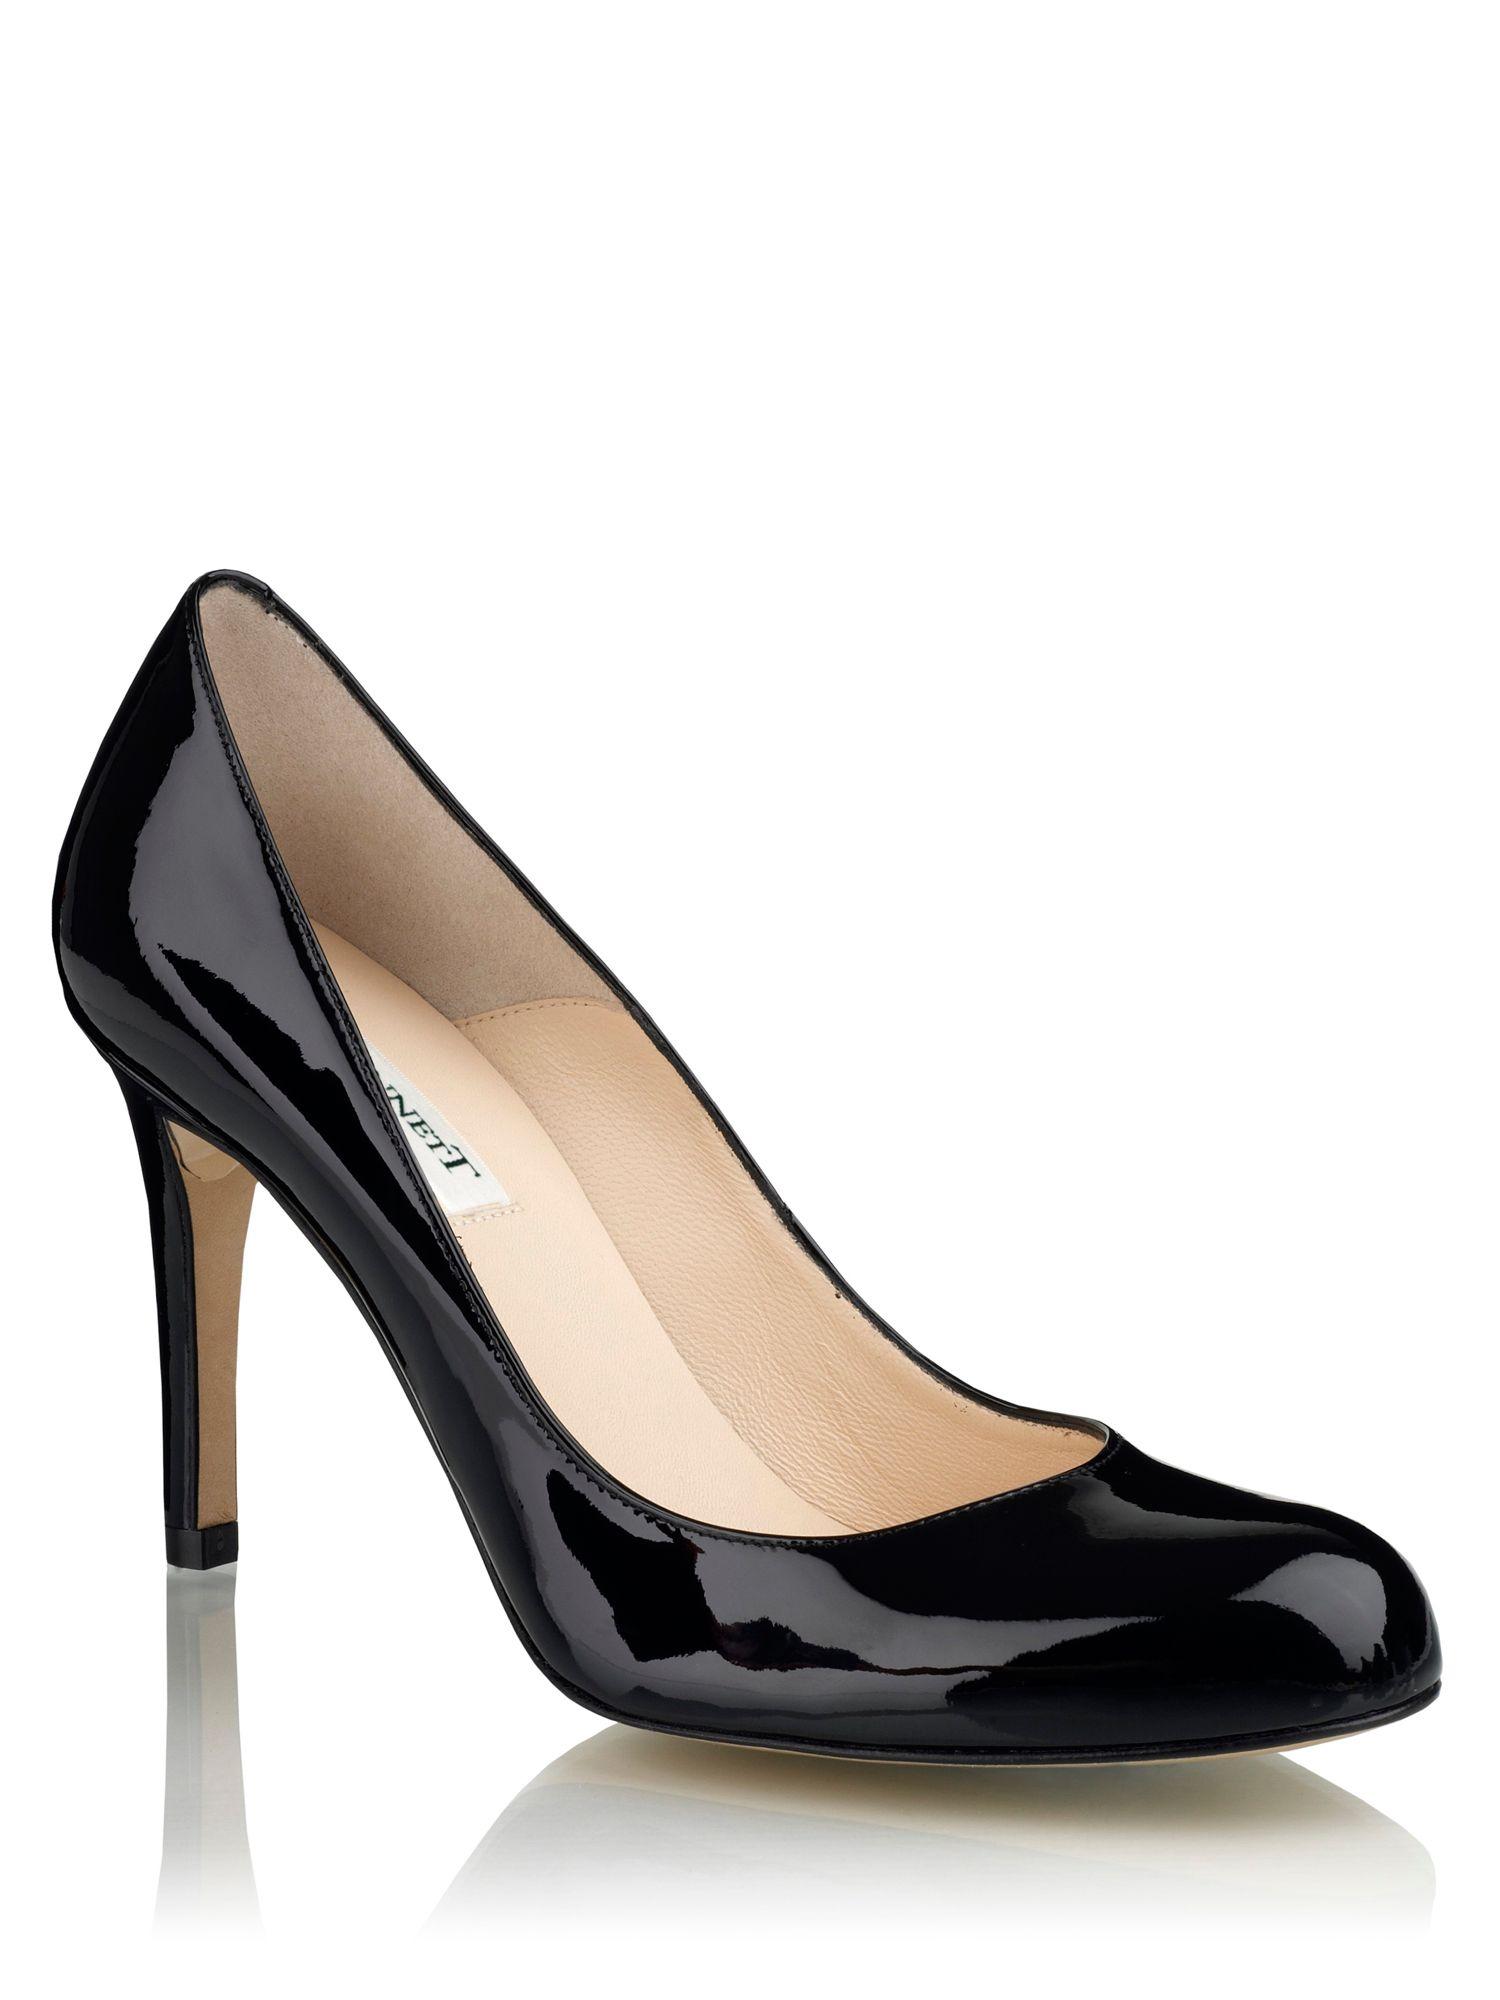 Lk Bennett Black Court Shoes